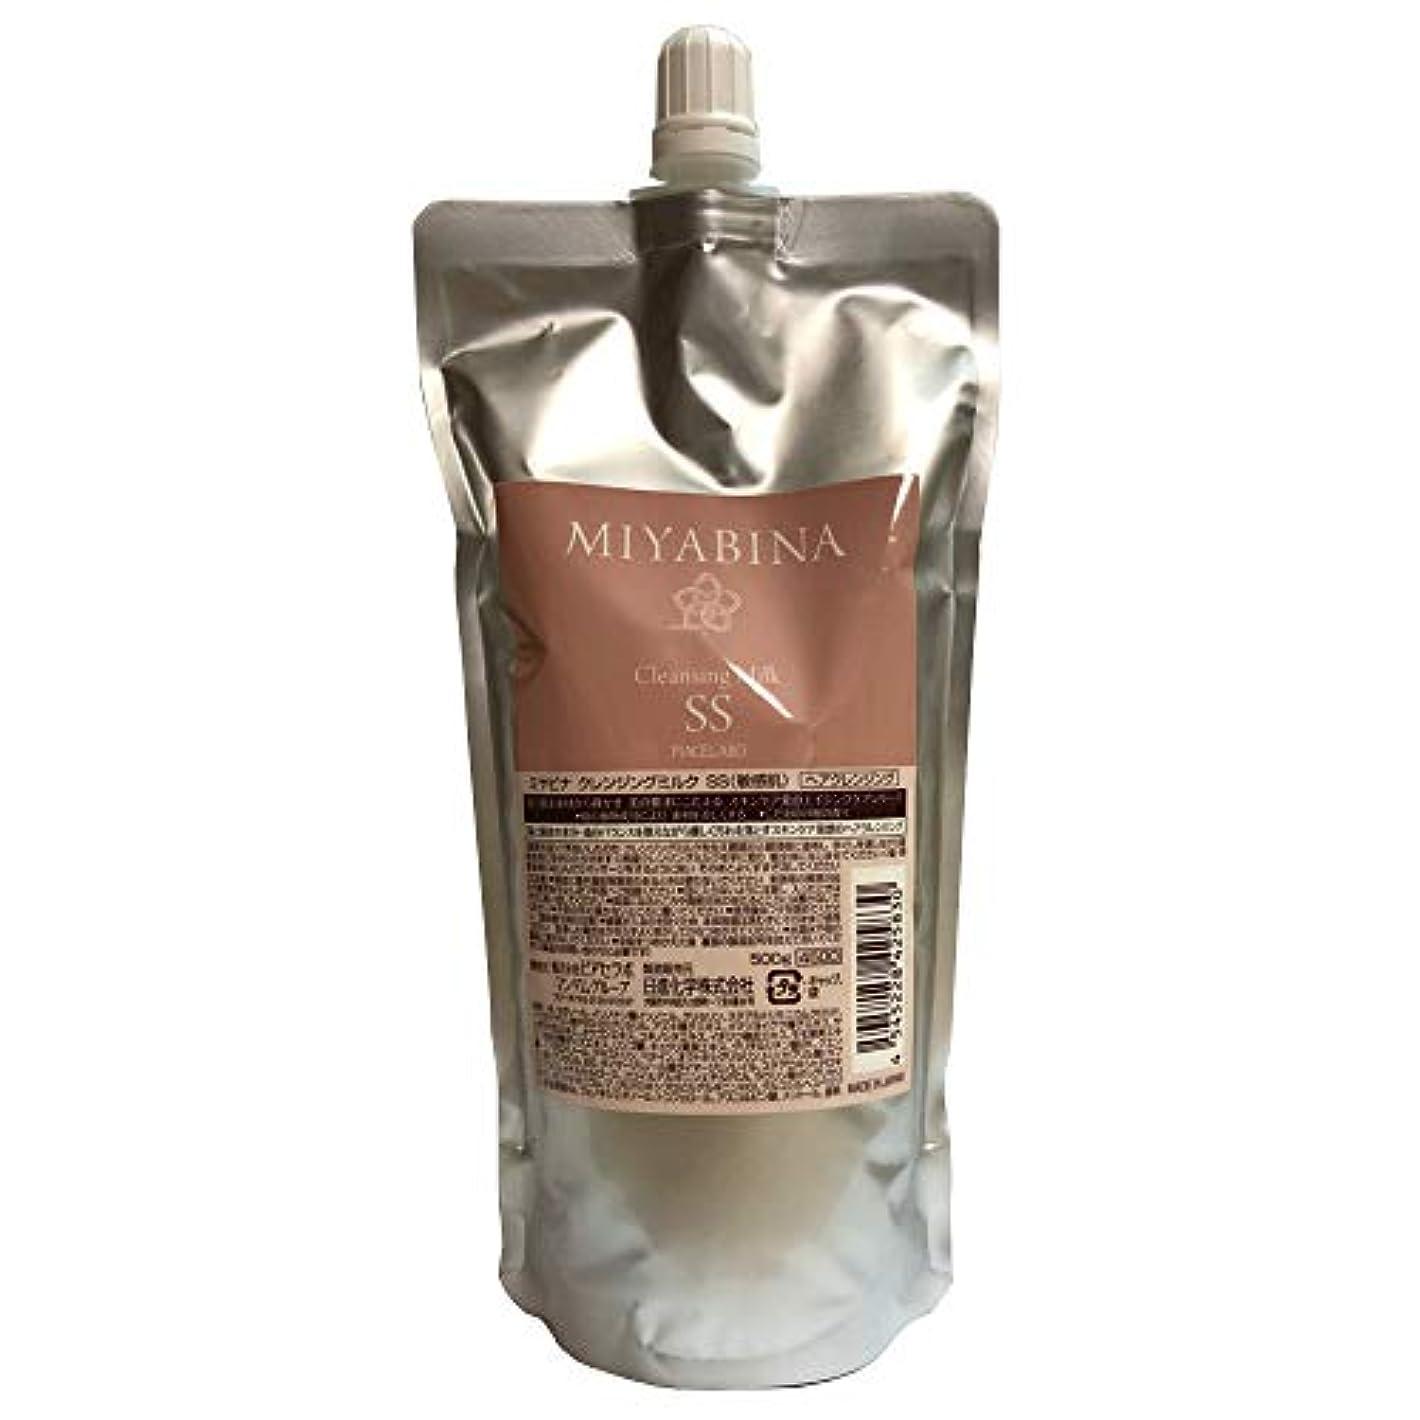 医師しがみつく生き返らせるミヤビナ クレンジングミルク SS(敏感肌) 500g レフィル(詰め替え)